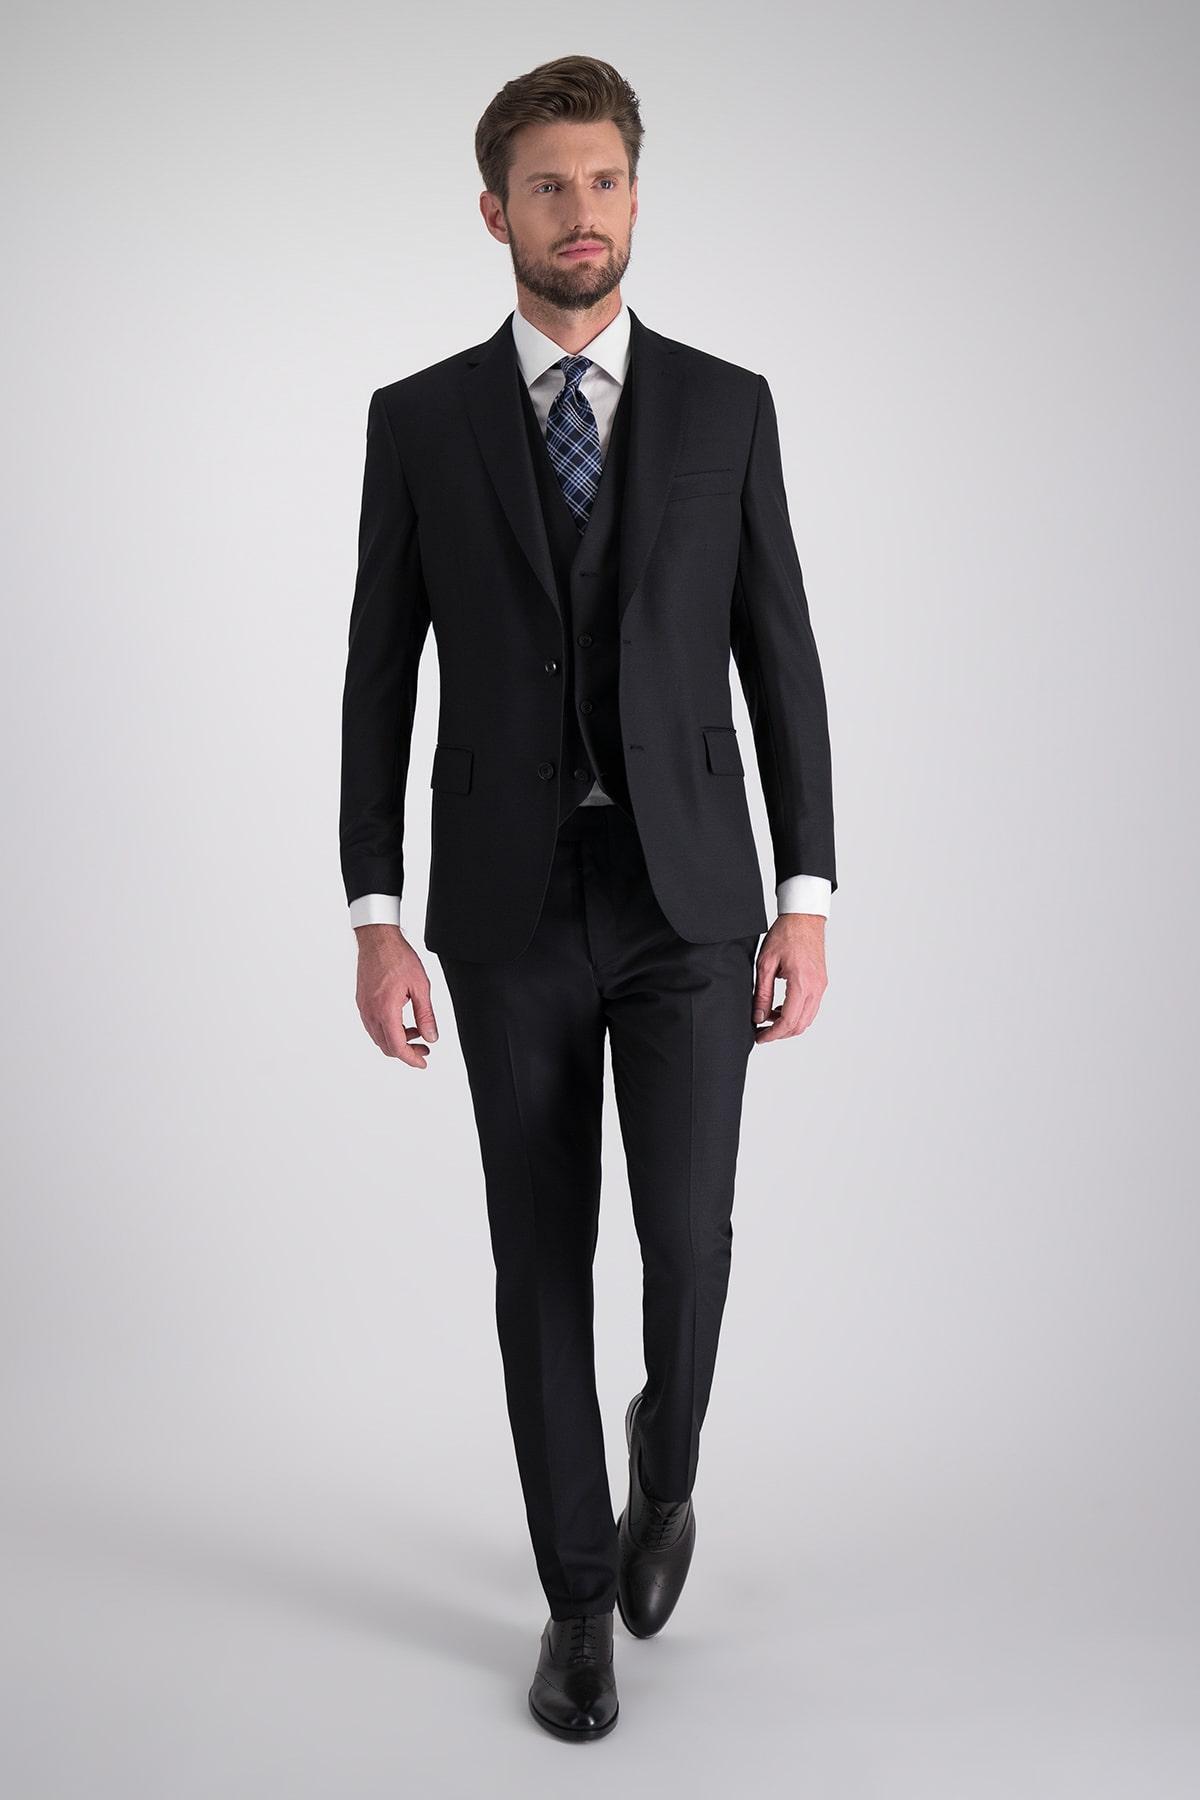 Traje 3 piezas marca Calderoni color negro con microdiseño